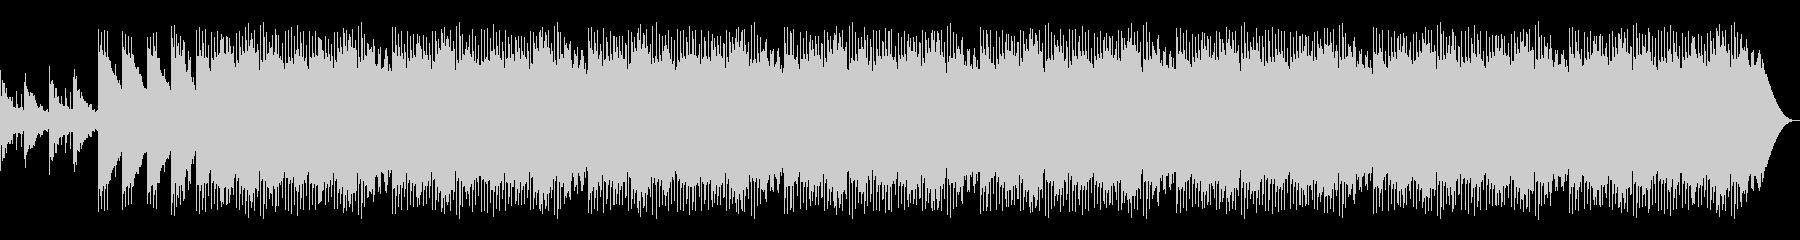 オシャレなLoFiの未再生の波形